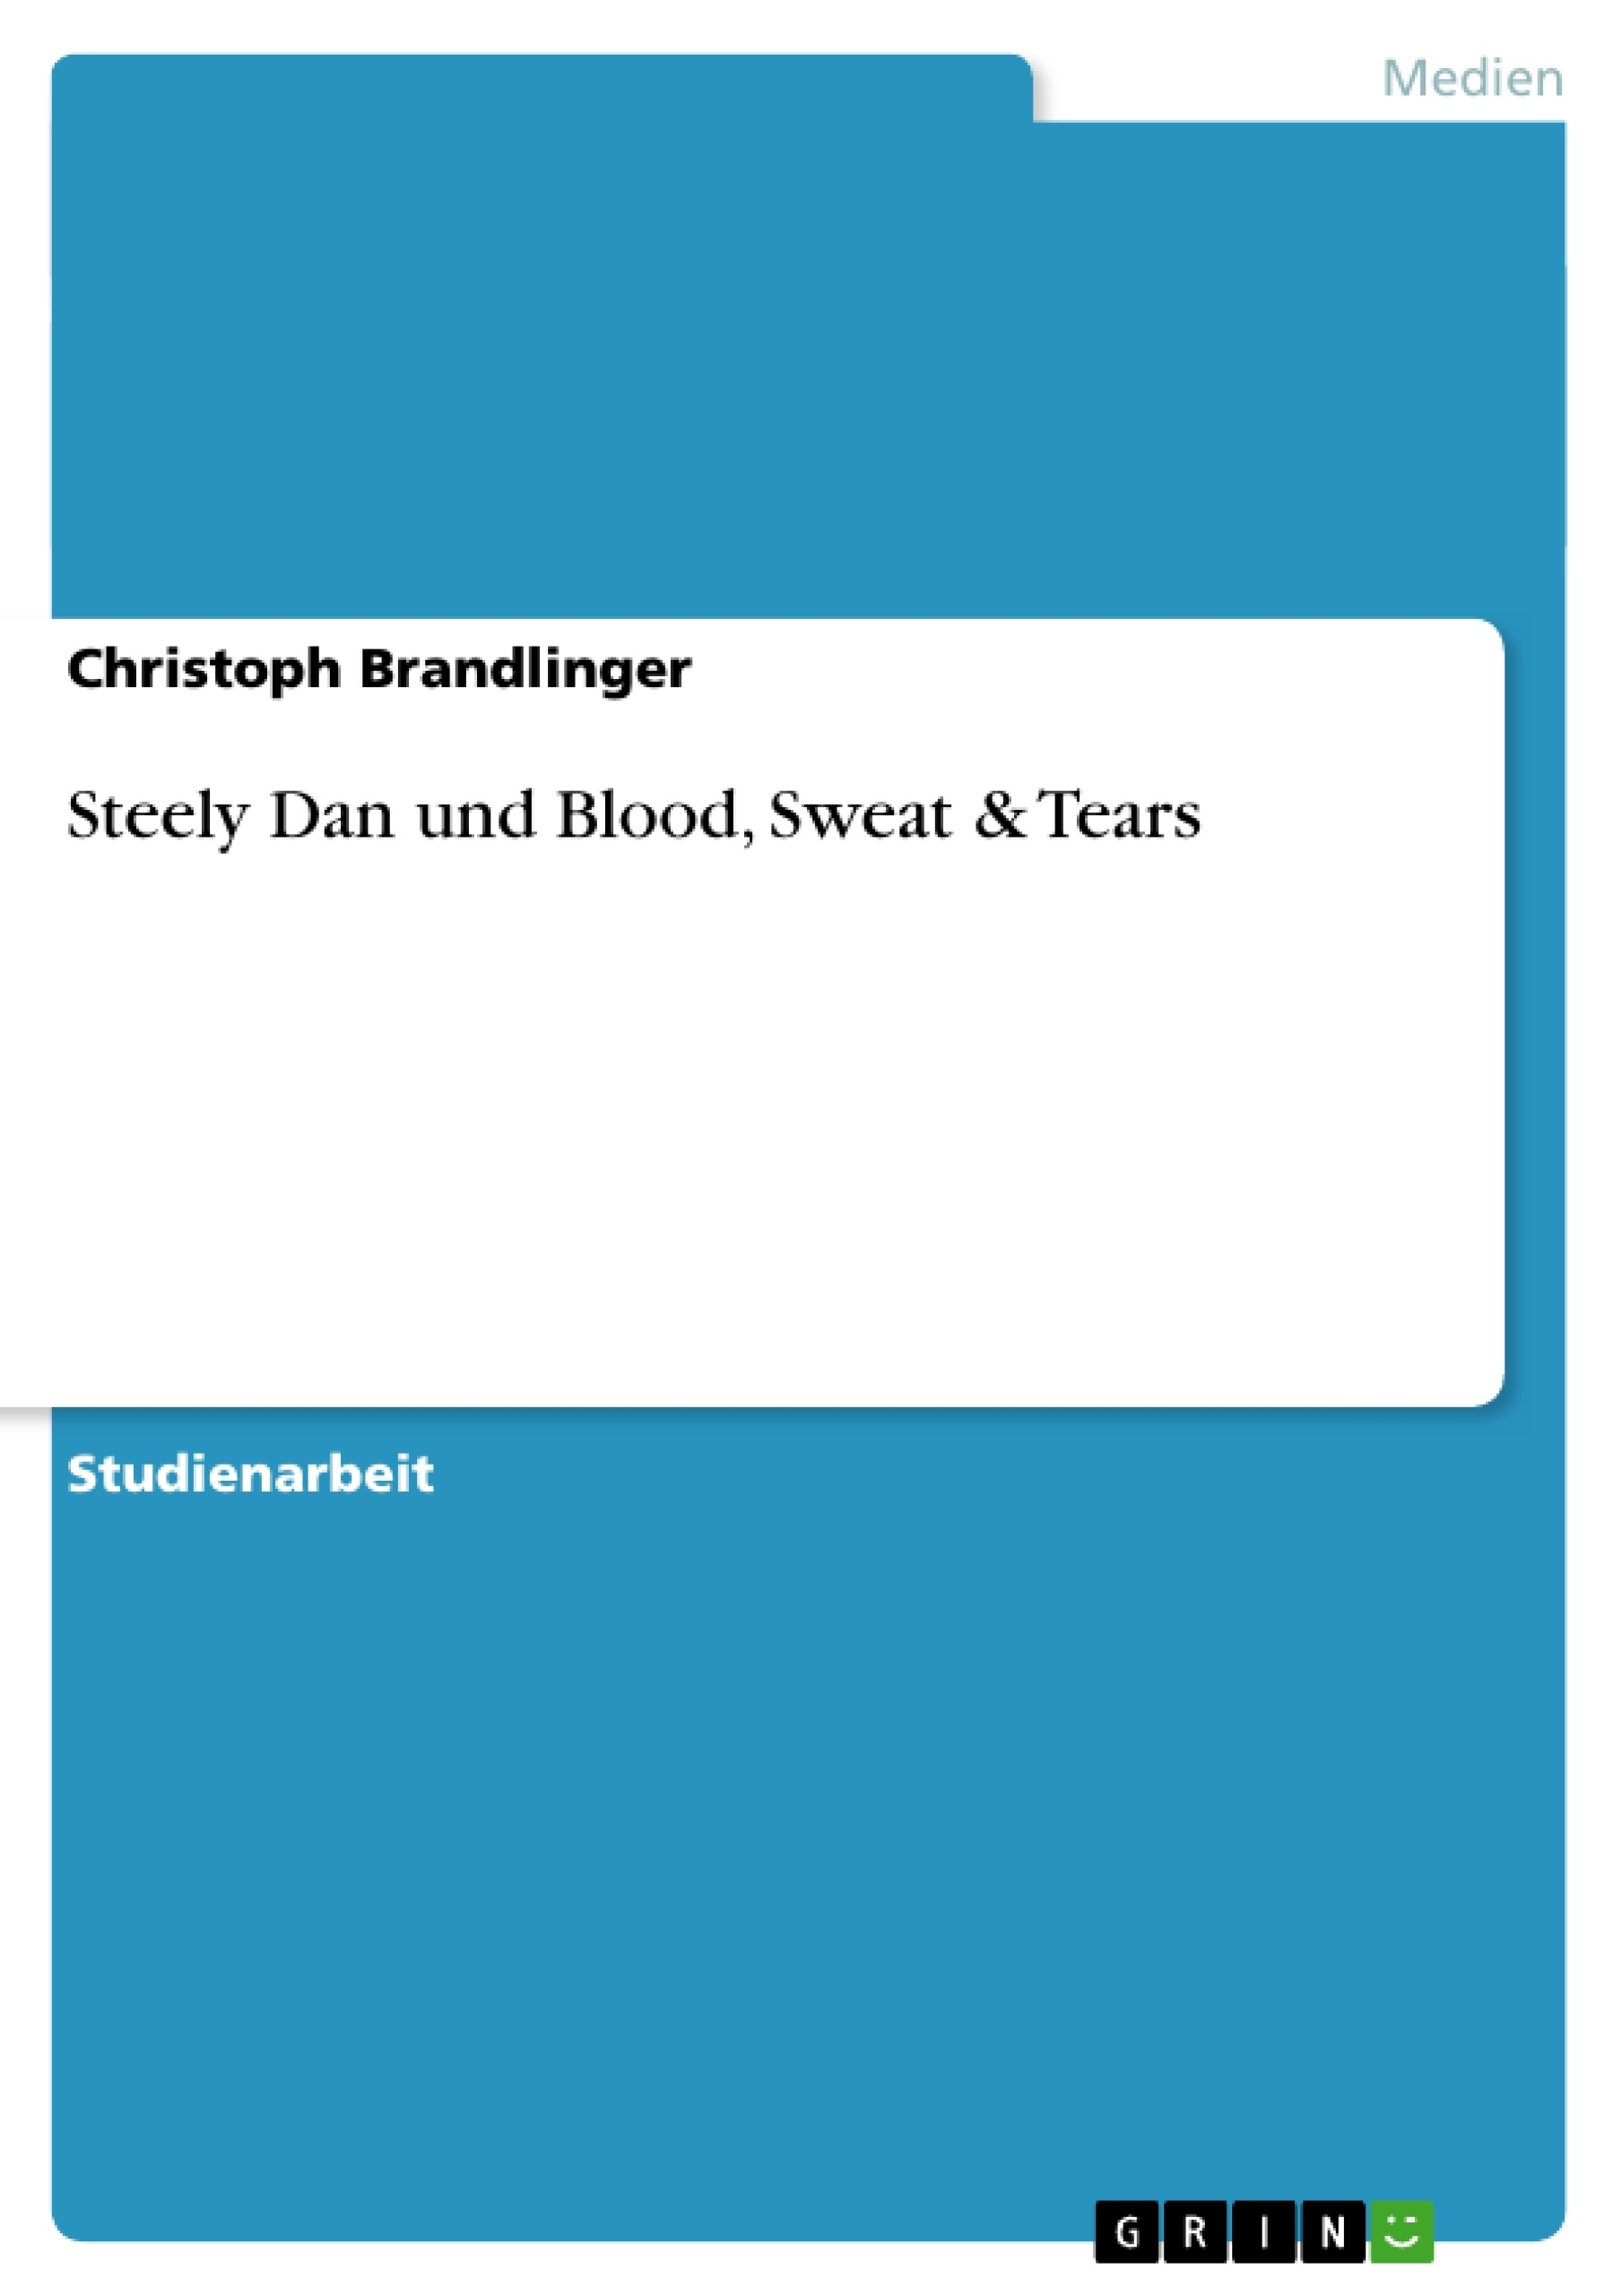 Titel: Steely Dan und Blood, Sweat & Tears